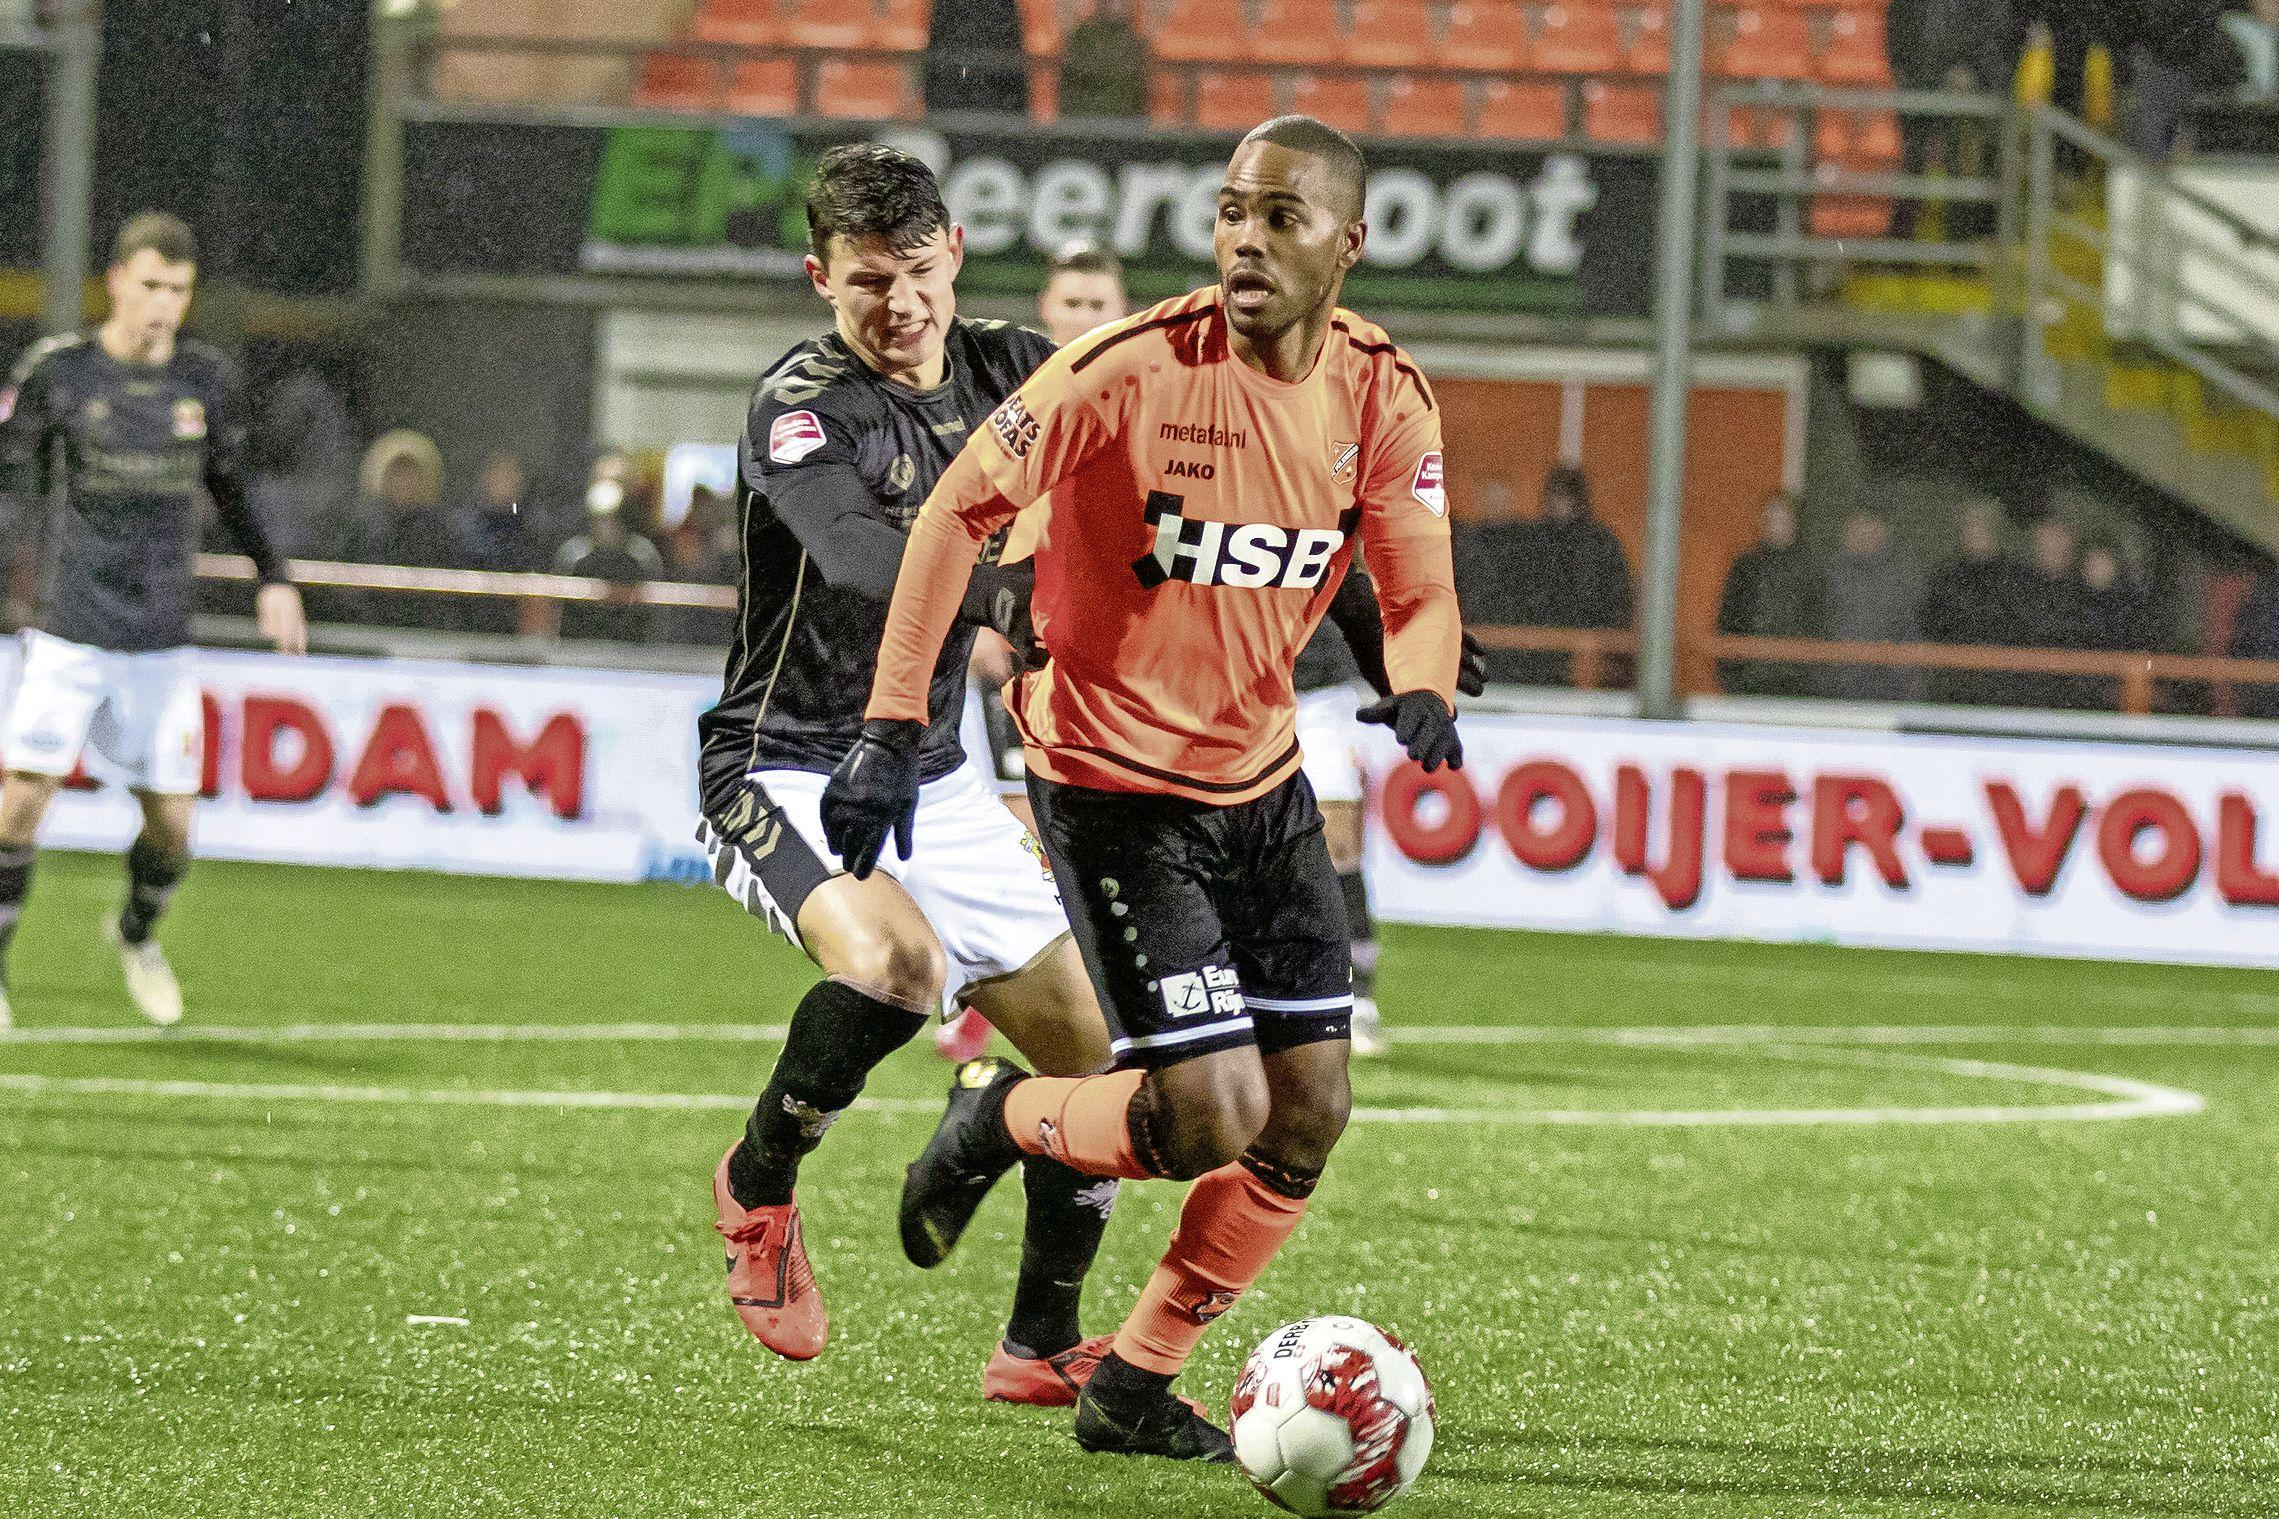 Boy Deul speelt ook volgend jaar bij FC Volendam. Wim Jonk: 'Mooi dat hij zich als dertiger nog steeds ontwikkelt'